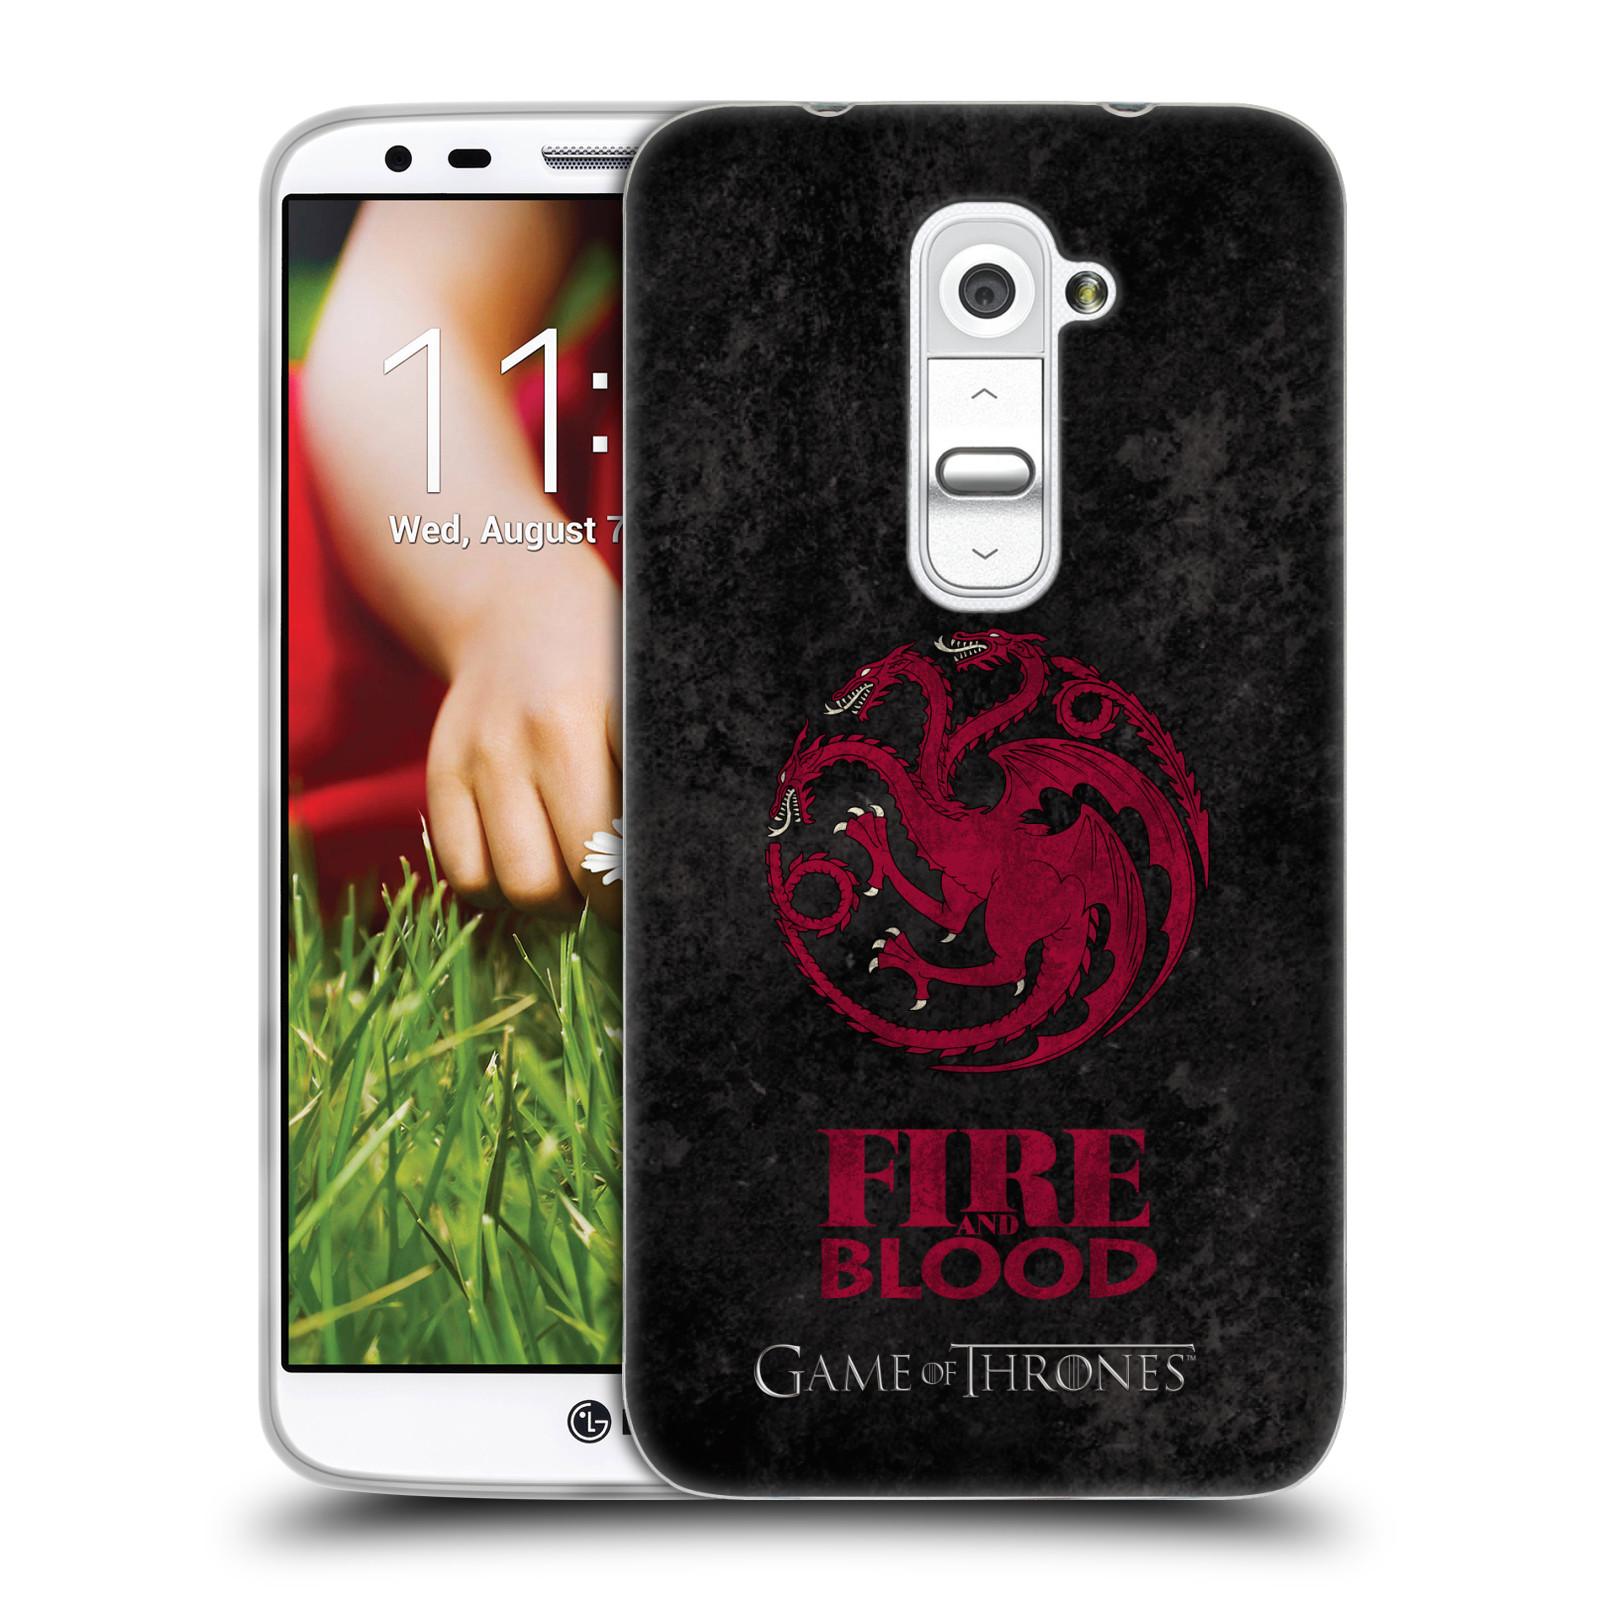 Silikonové pouzdro na mobil HTC LG G2 HEAD CASE Hra o trůny - Sigils Targaryen - Fire and Blood (Silikonový kryt či obal na mobilní telefon s licencovaným motivem Hra o trůny - Game Of Thrones pro HTC LG G2)